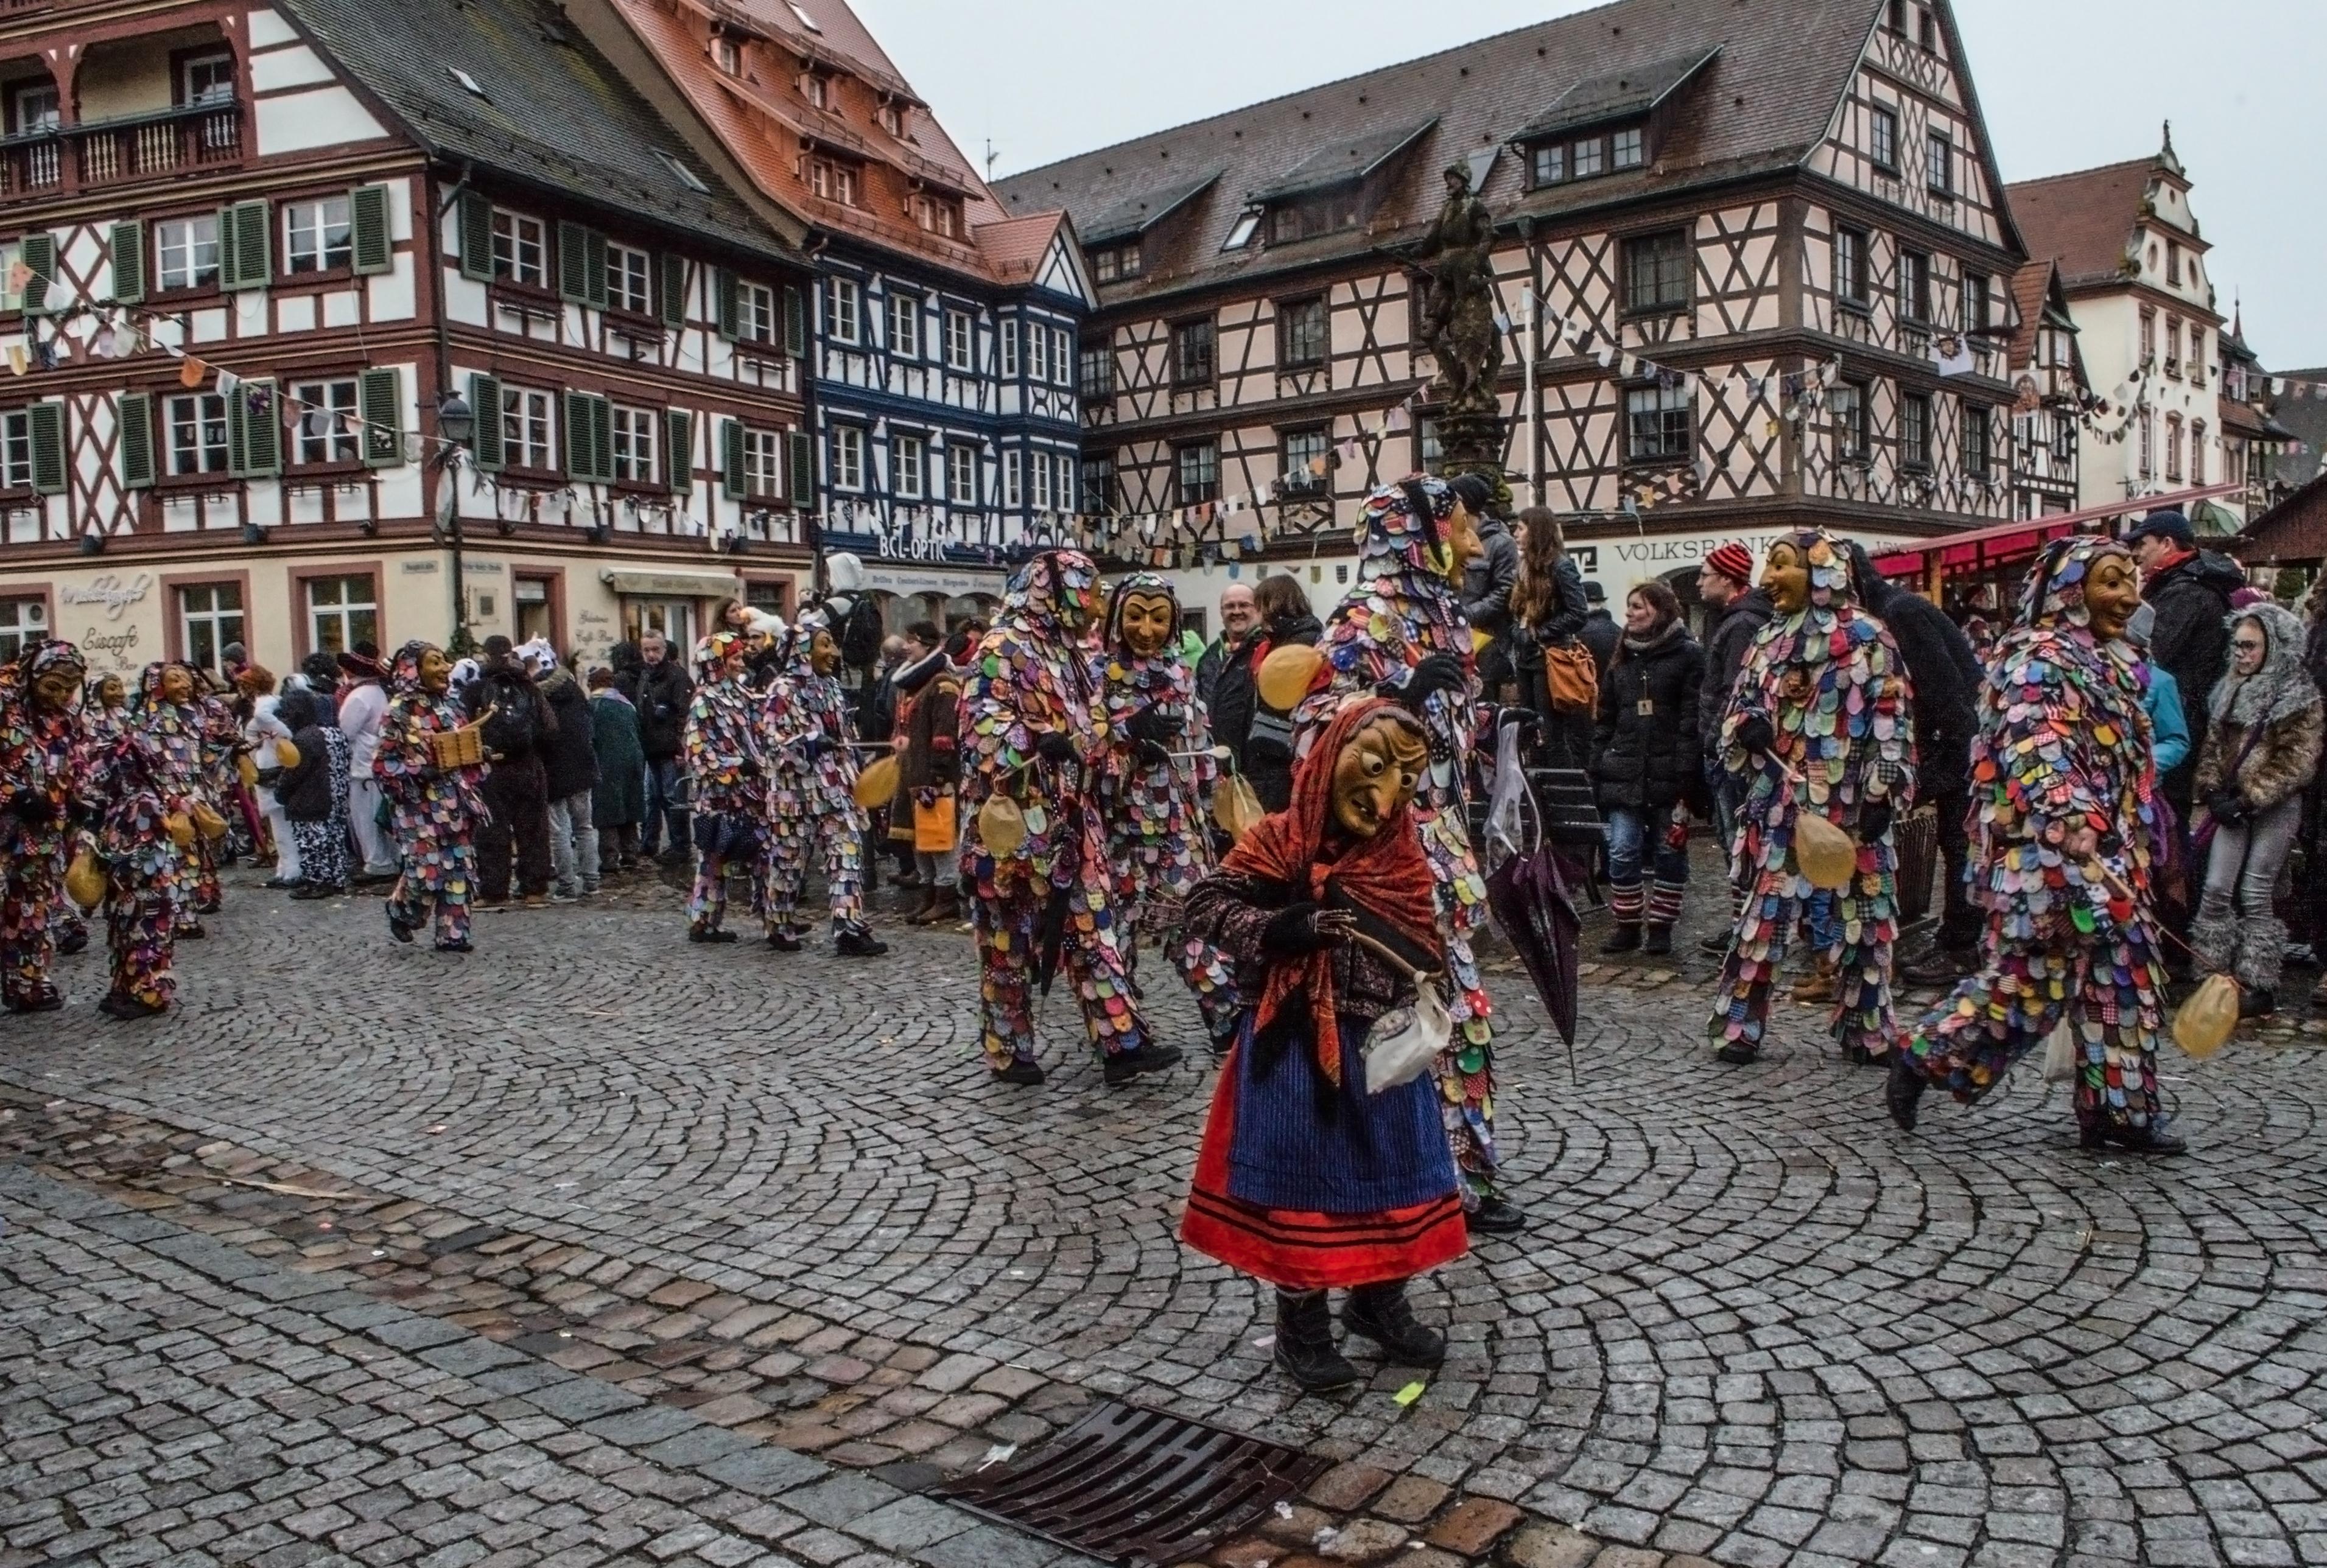 Традиционные маски Генгенбаха. Гексен и Шпетлехэнзель